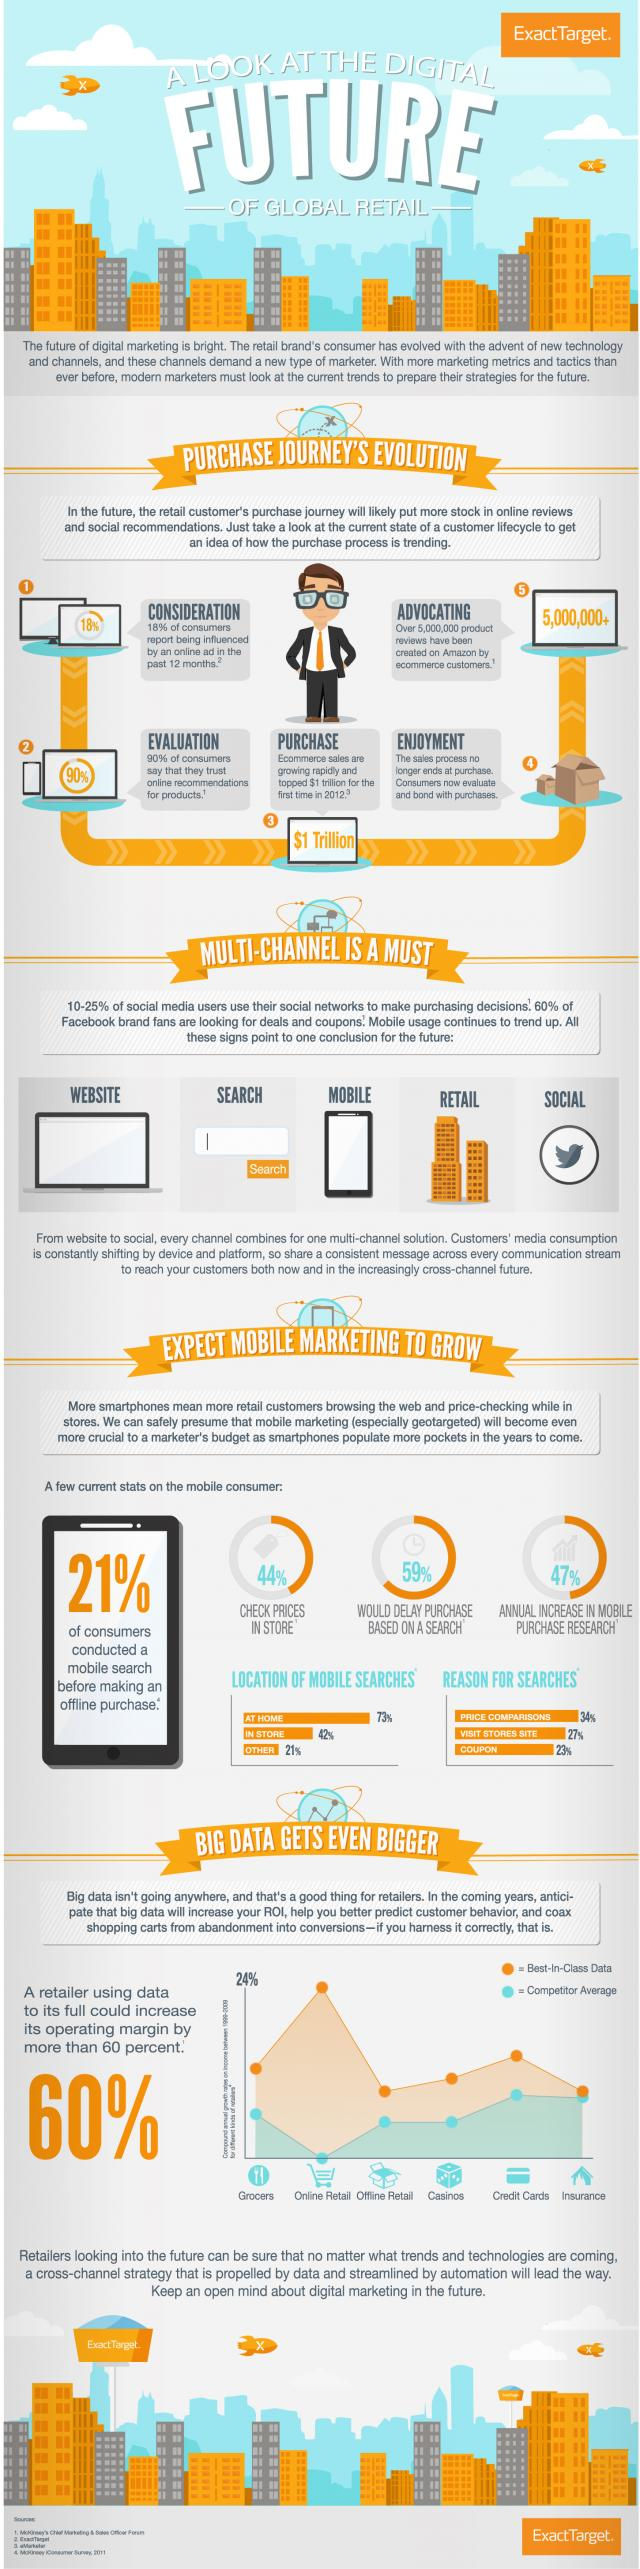 Craft Seller Marketing Tips